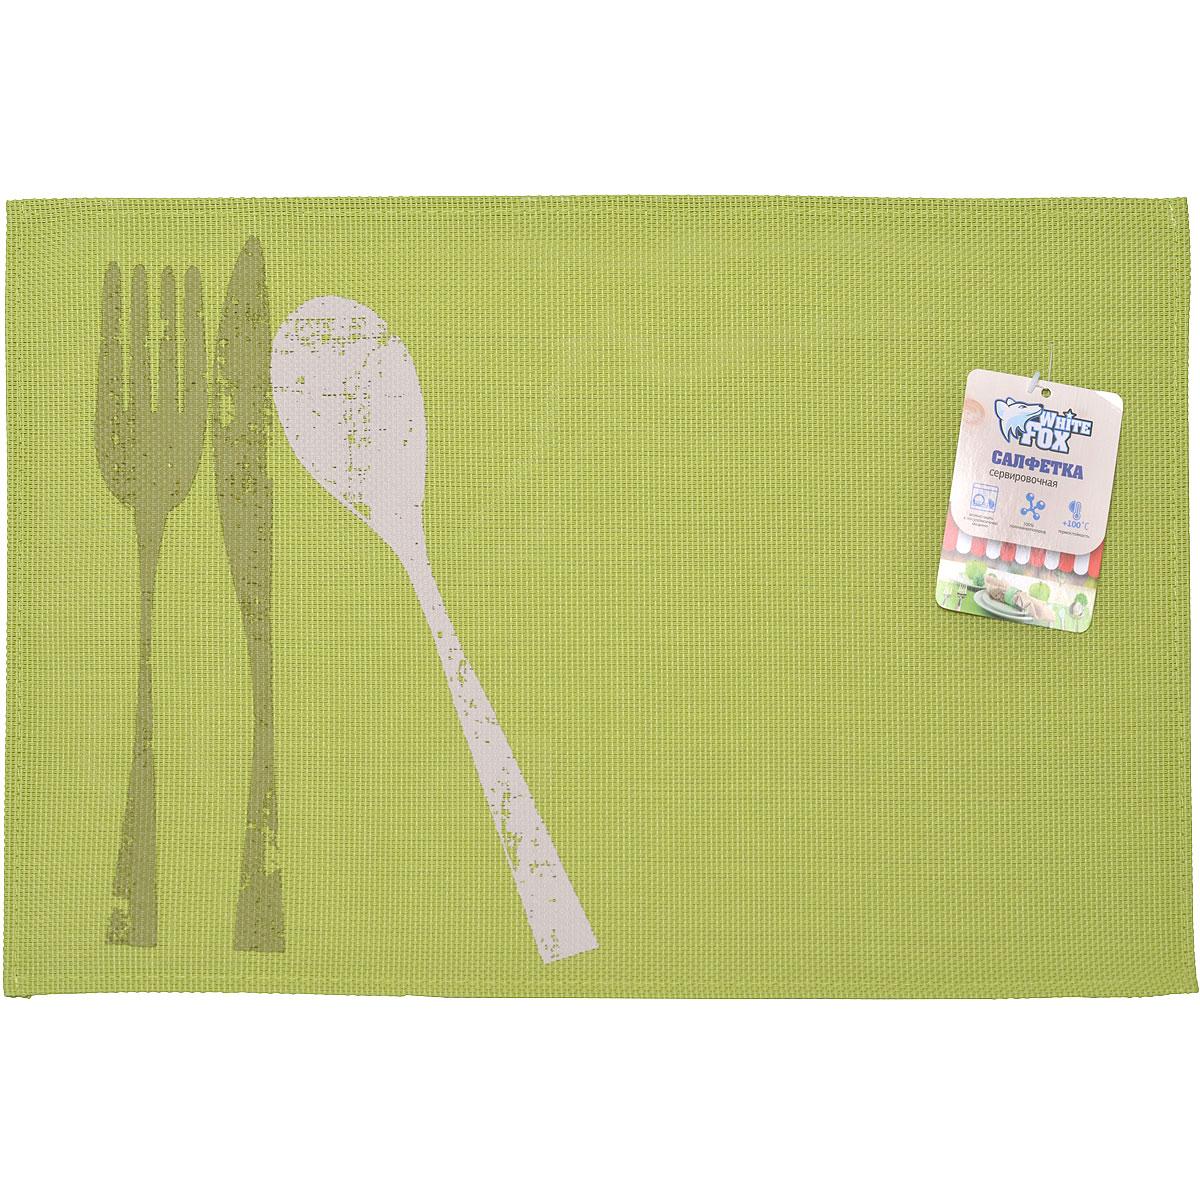 Салфетка сервировочная White Fox Приборы, цвет: зеленый, 30 x 45 см, 4 штБ0008377/WКPL120-085Салфетка White Fox Приборы, выполненная из ПВХ, предназначена для сервировки стола. Она служит защитой от царапин и различных следов, а также используется в качестве подставки под горячее. Дизайнерский рисунок дополнит стильную сервировку стола. Край салфетки прострочен, что позволяет плетению не рассыпаться.